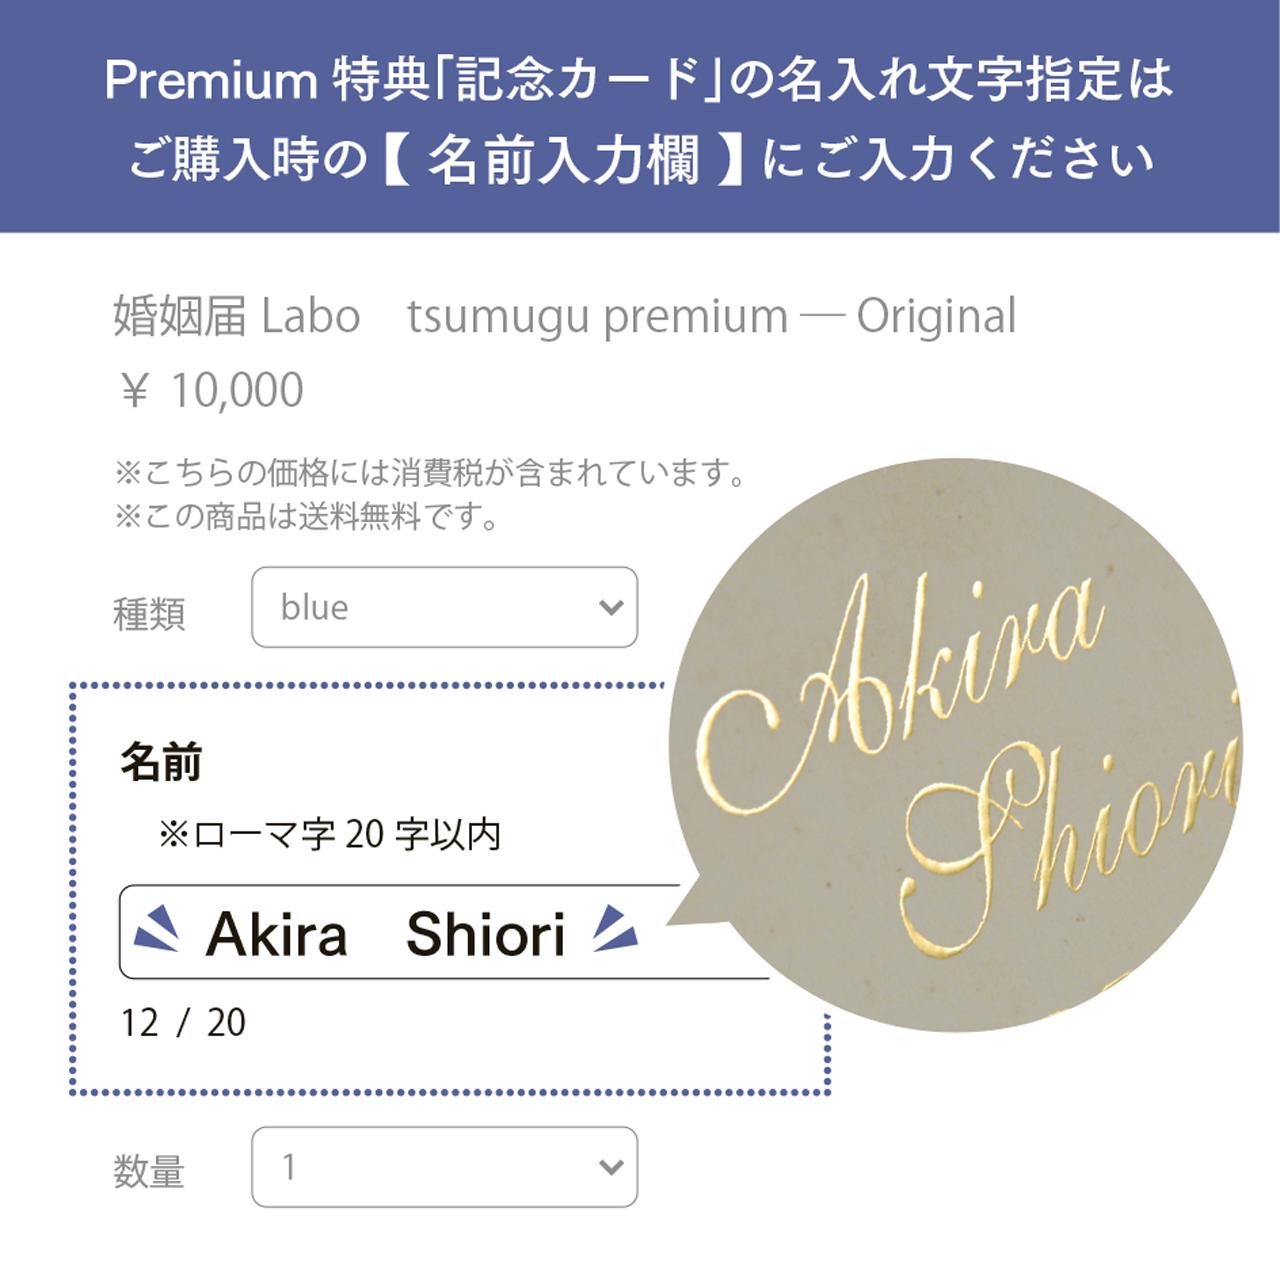 婚姻届Labo tsumugu premiumーSakura